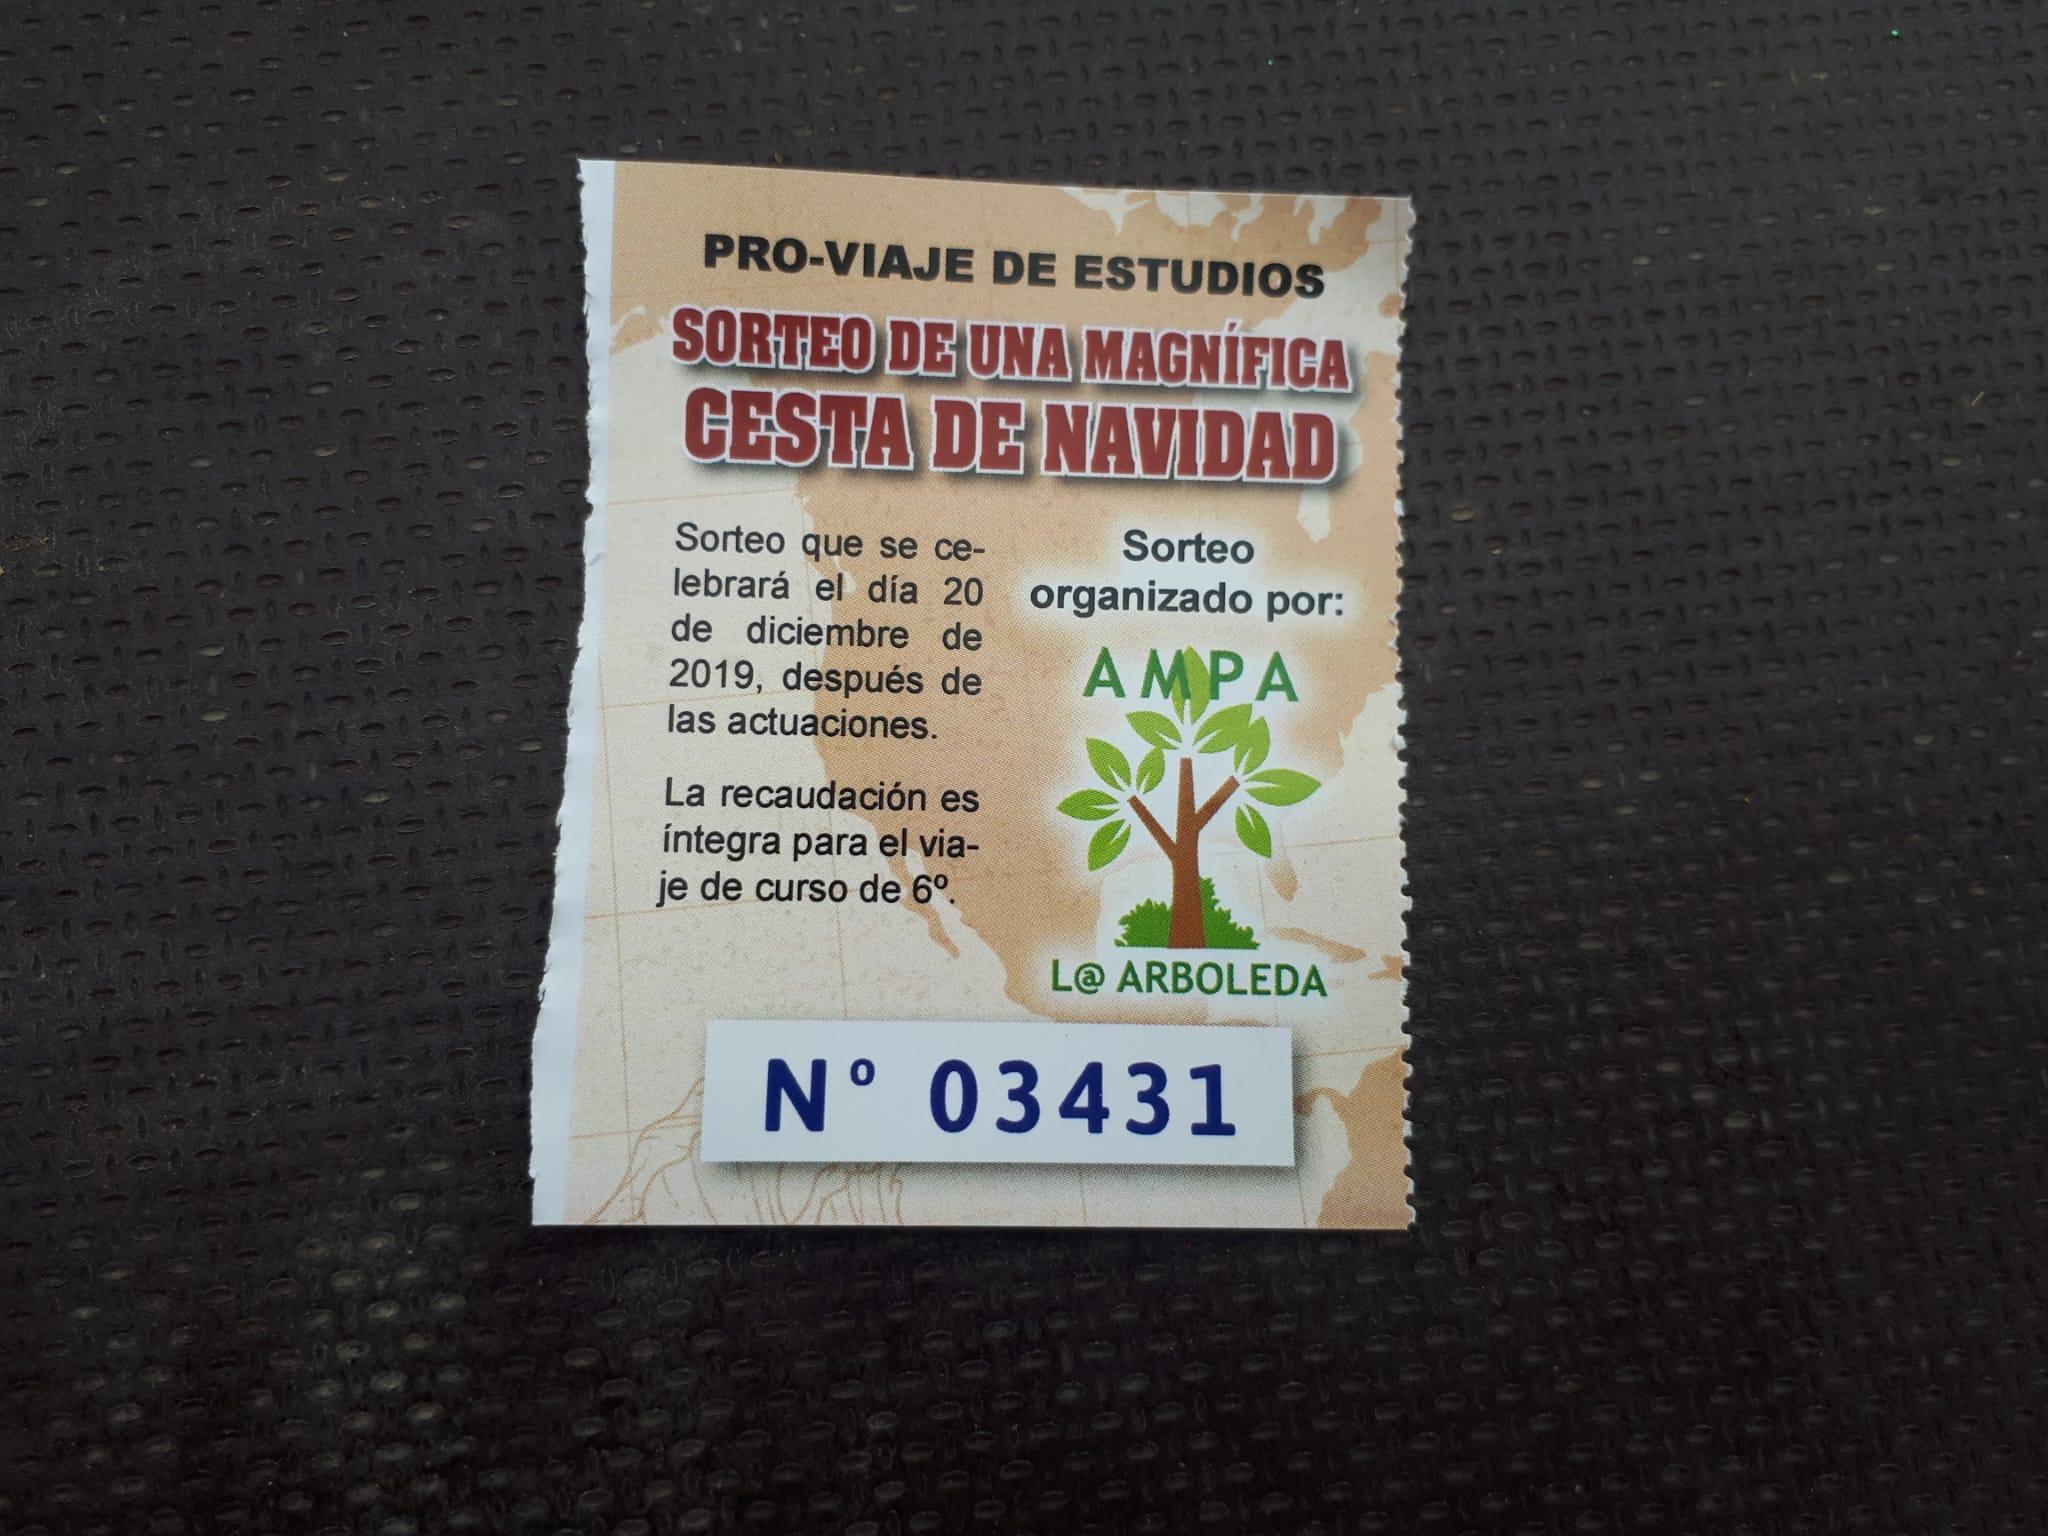 número premiado cesta navidad 2019 AMPA La Arboleda